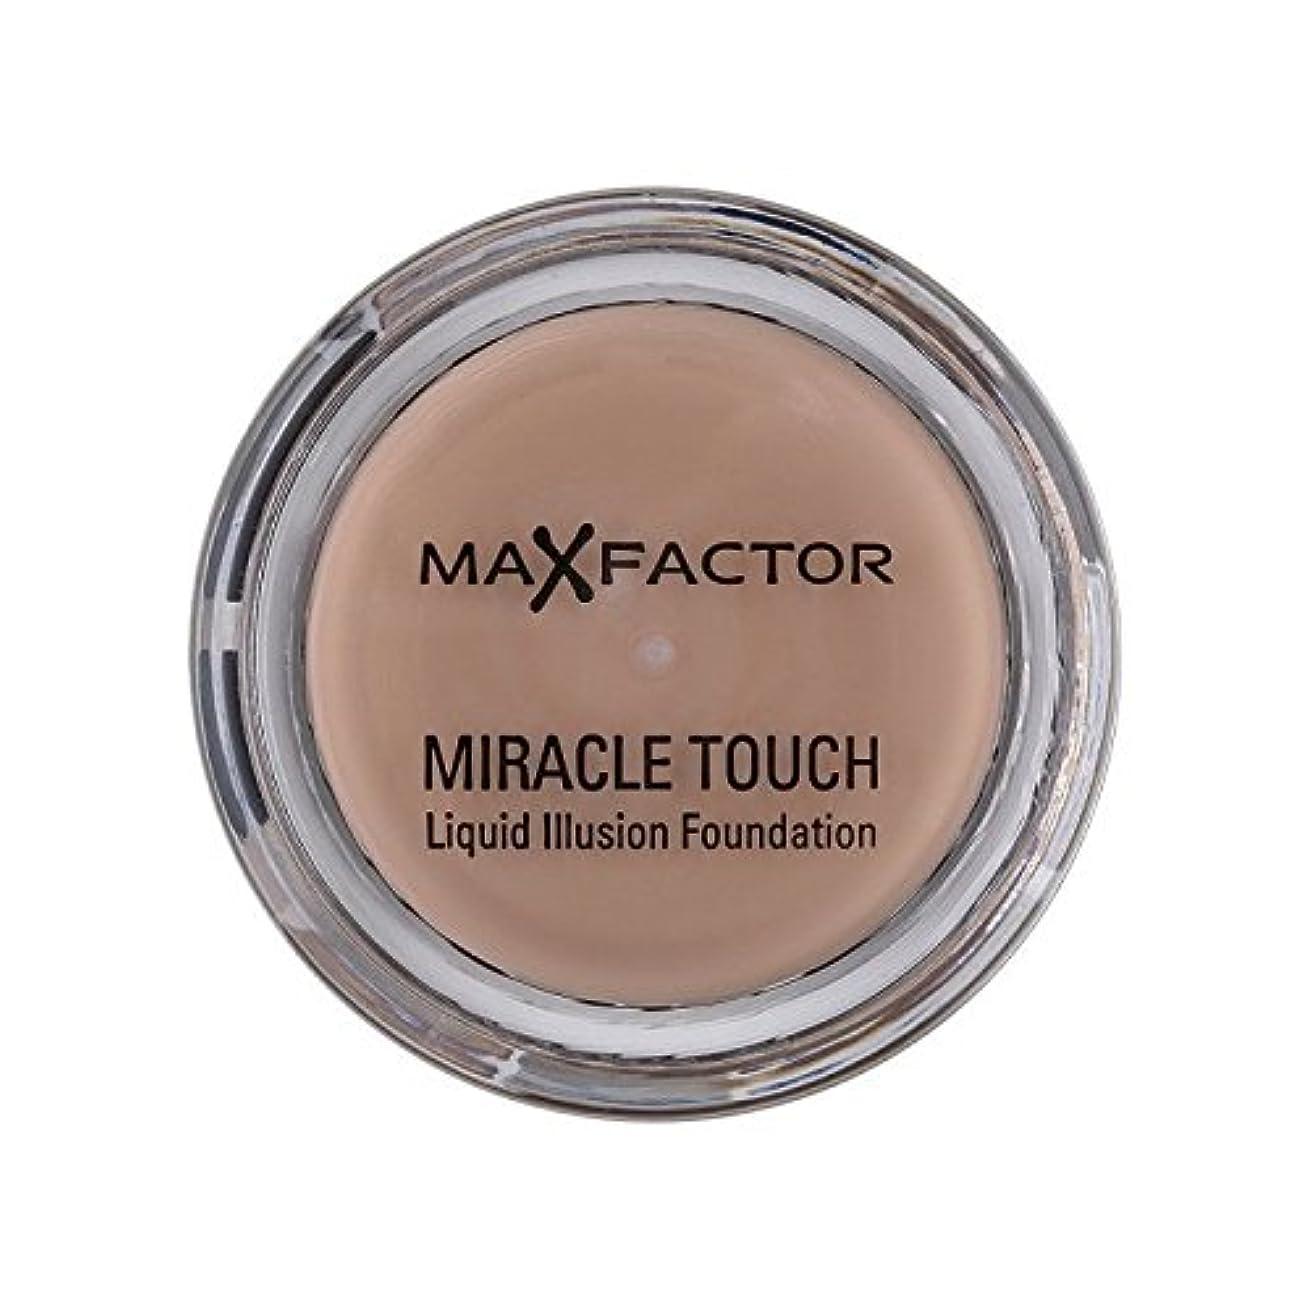 口電話に出る仲介者マックスファクター奇跡のタッチ基盤暖かいアーモンド45 x2 - Max Factor Miracle Touch Foundation Warm Almond 45 (Pack of 2) [並行輸入品]